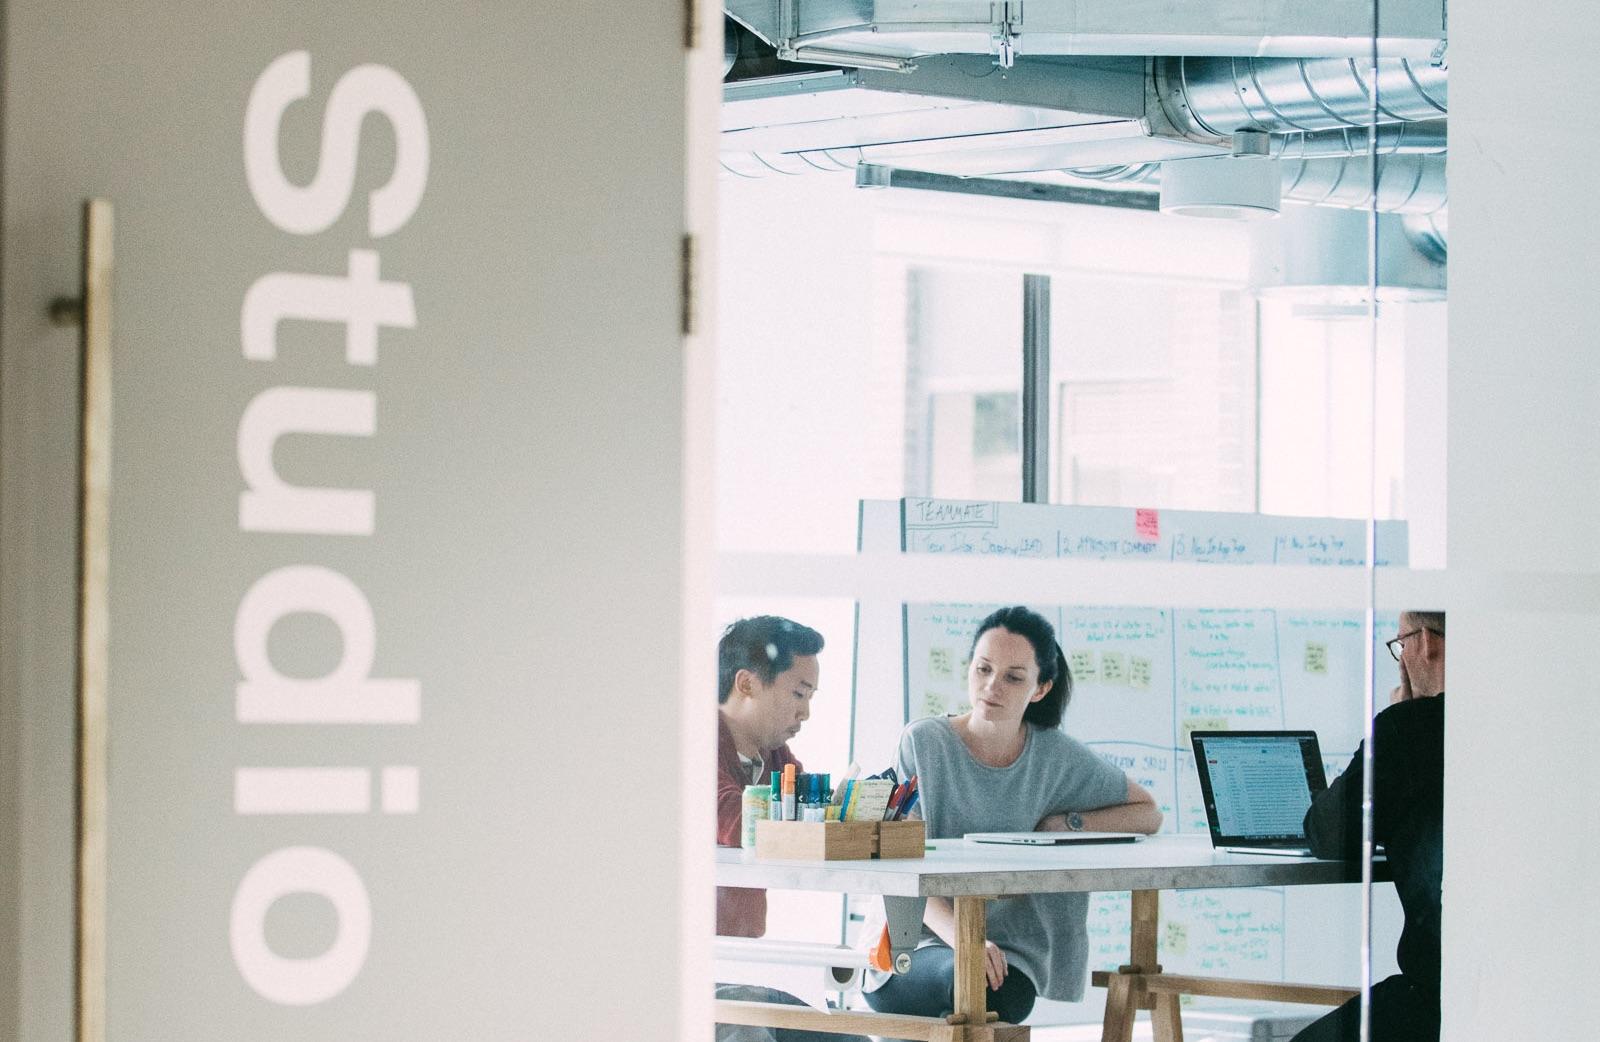 Костя Горский, Intercom: про города и амбиции, продуктовое мышление, навыки для дизайнеров и саморазвитие - 6